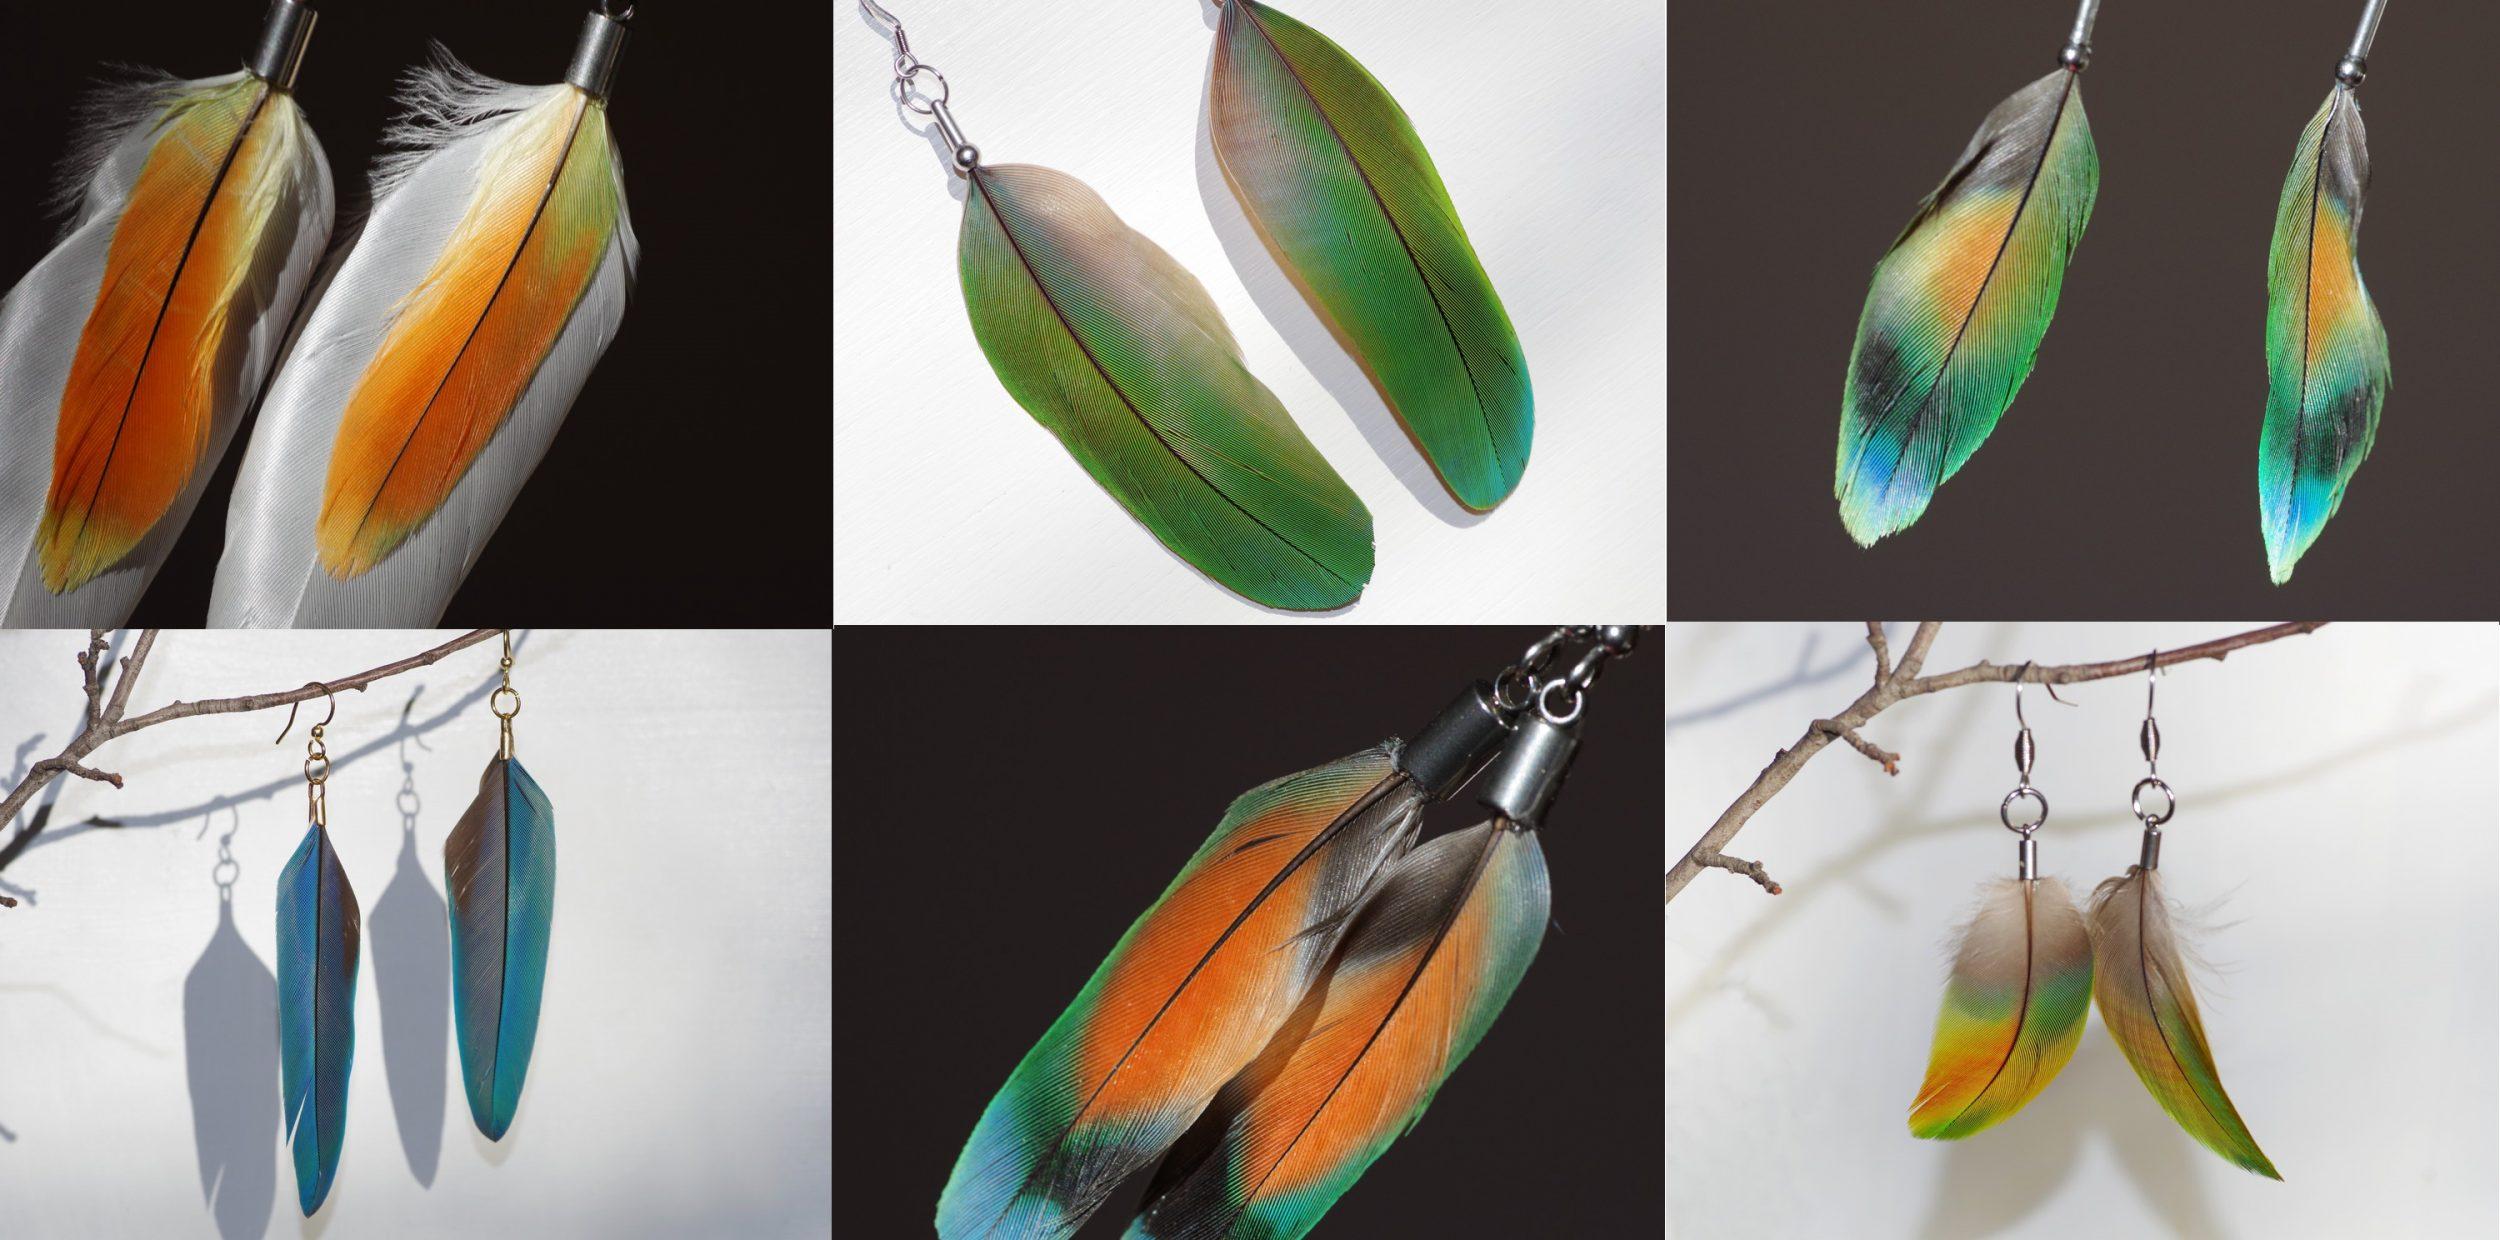 patchwork de boucles d'oreilles plumes. couleurs vives orange, vert, jaune ...